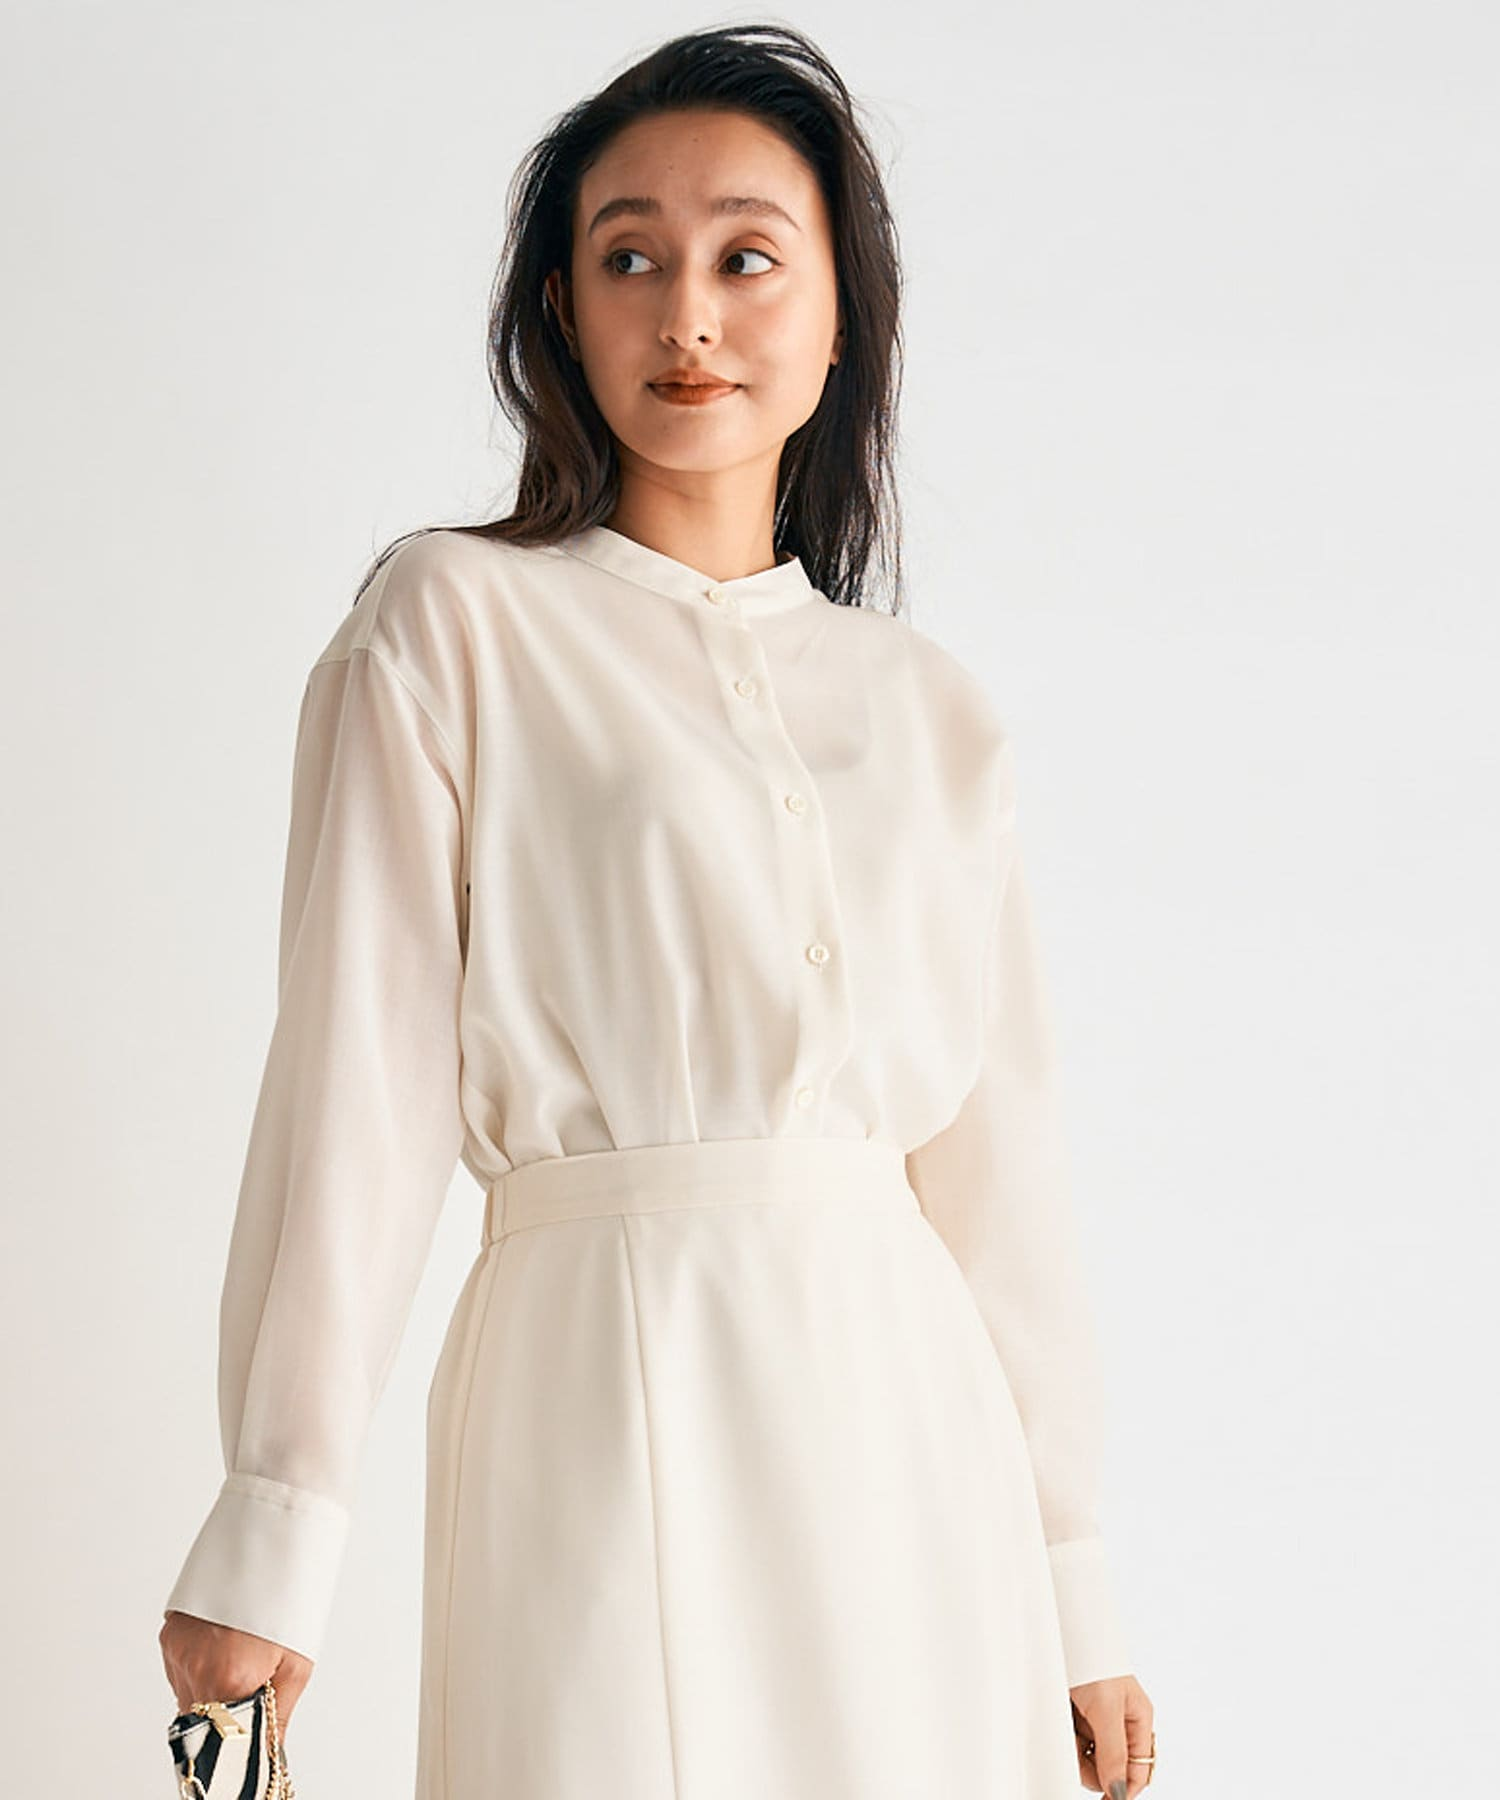 La boutique BonBon(ラブティックボンボン) 《予約》【セットアップ可・軽起毛で暖かみ感じる】ウールビエラバンドカラーシャツ